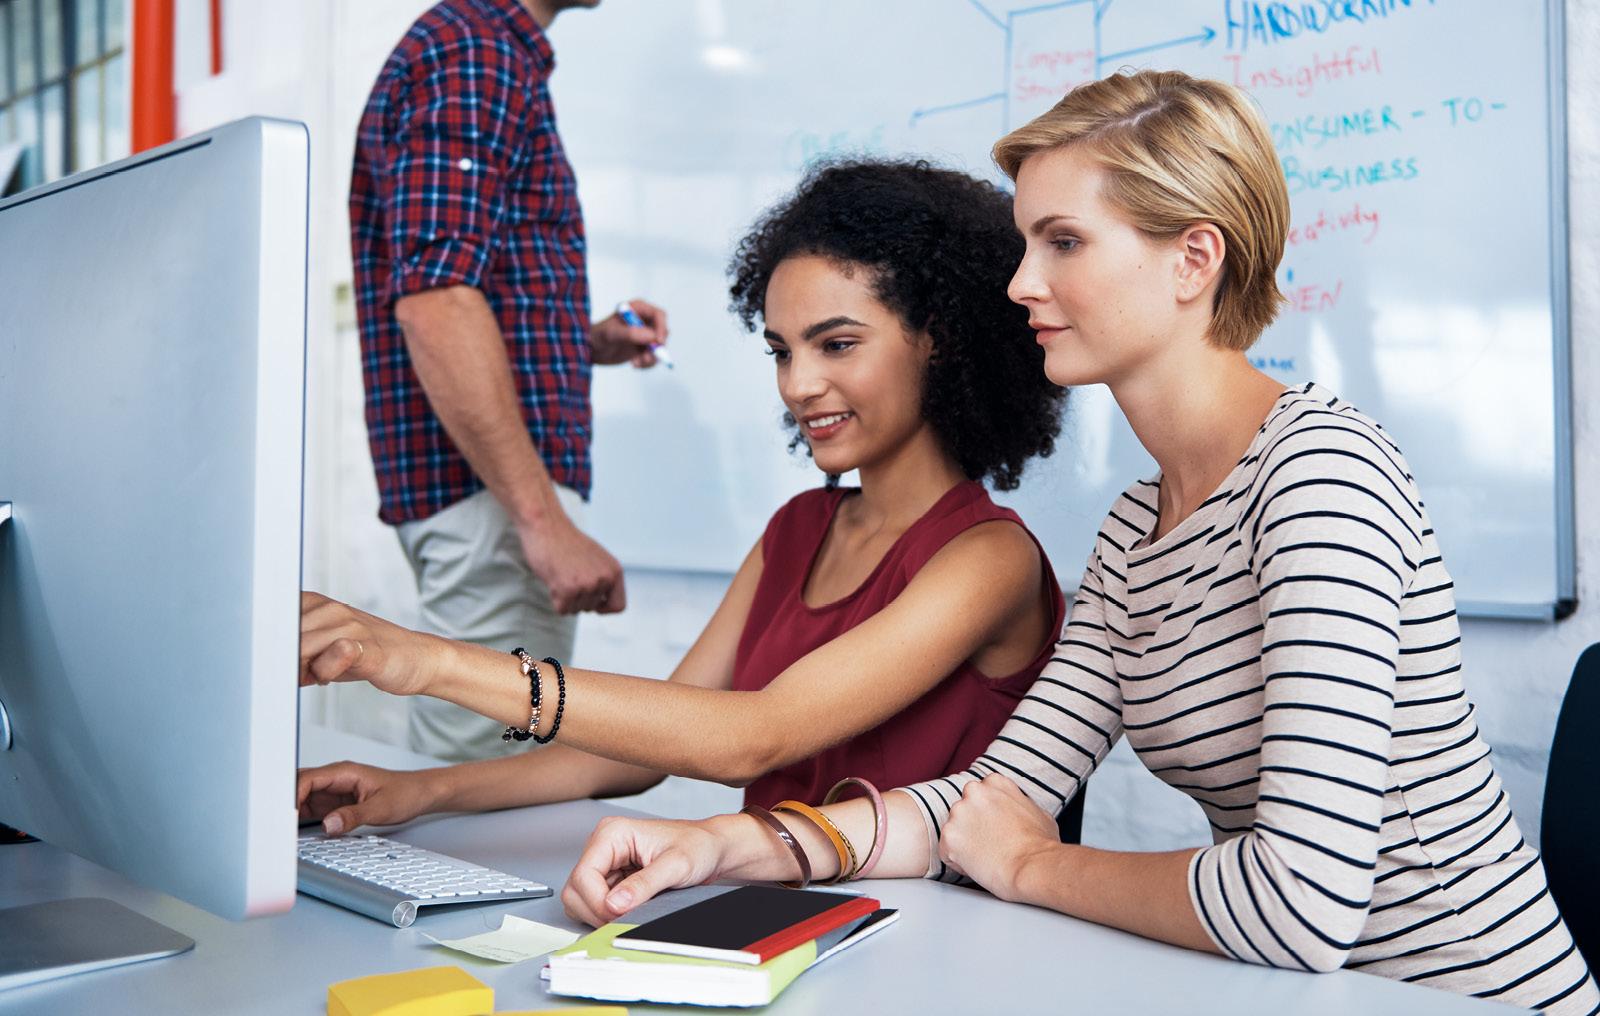 Zwei Frauen lernen gemeinsam am PC und ein Mann im Hintergrund schreibt auf das Whiteboard